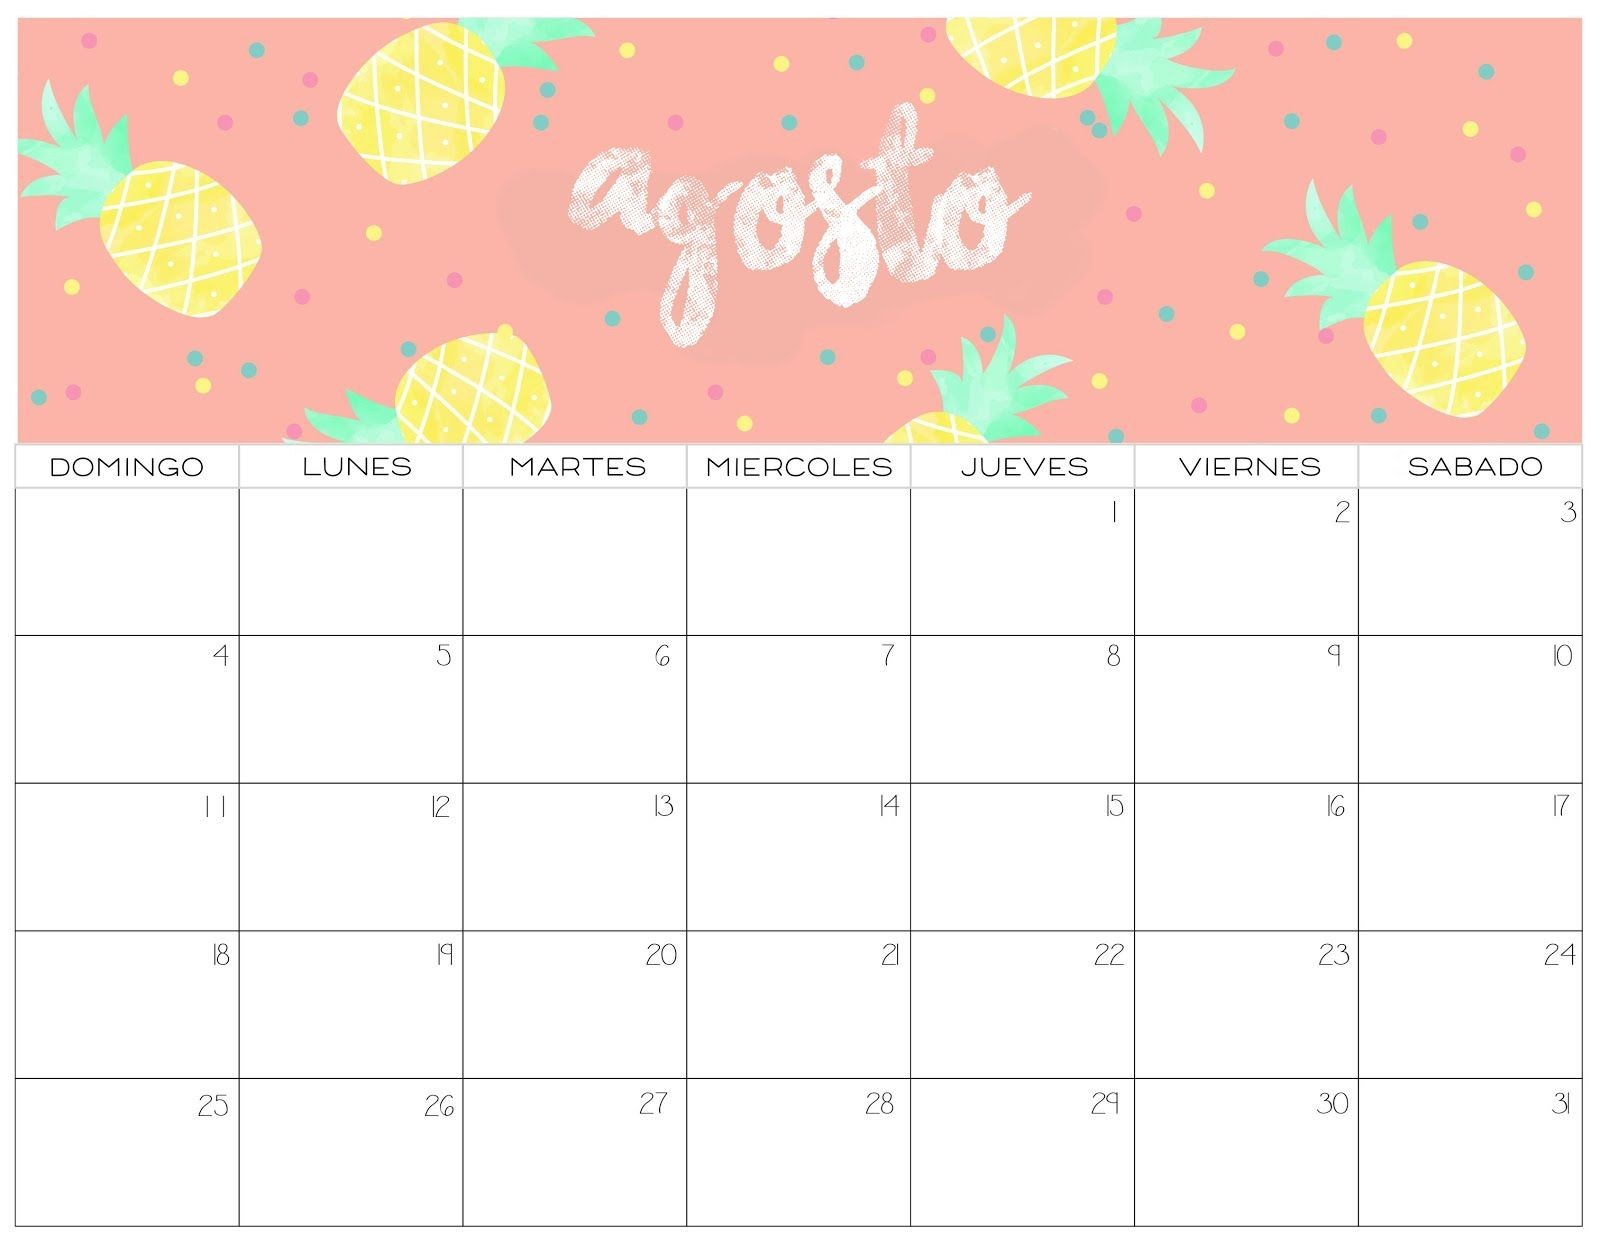 """Calendario 2019 Abril Para Imprimir Más Arriba-a-fecha Calendario 2019 Gratis Meses Pinterest Of Calendario 2019 Abril Para Imprimir Más Recientes La Economa Digital Y Su Tributaci""""n Pdf Free Download"""